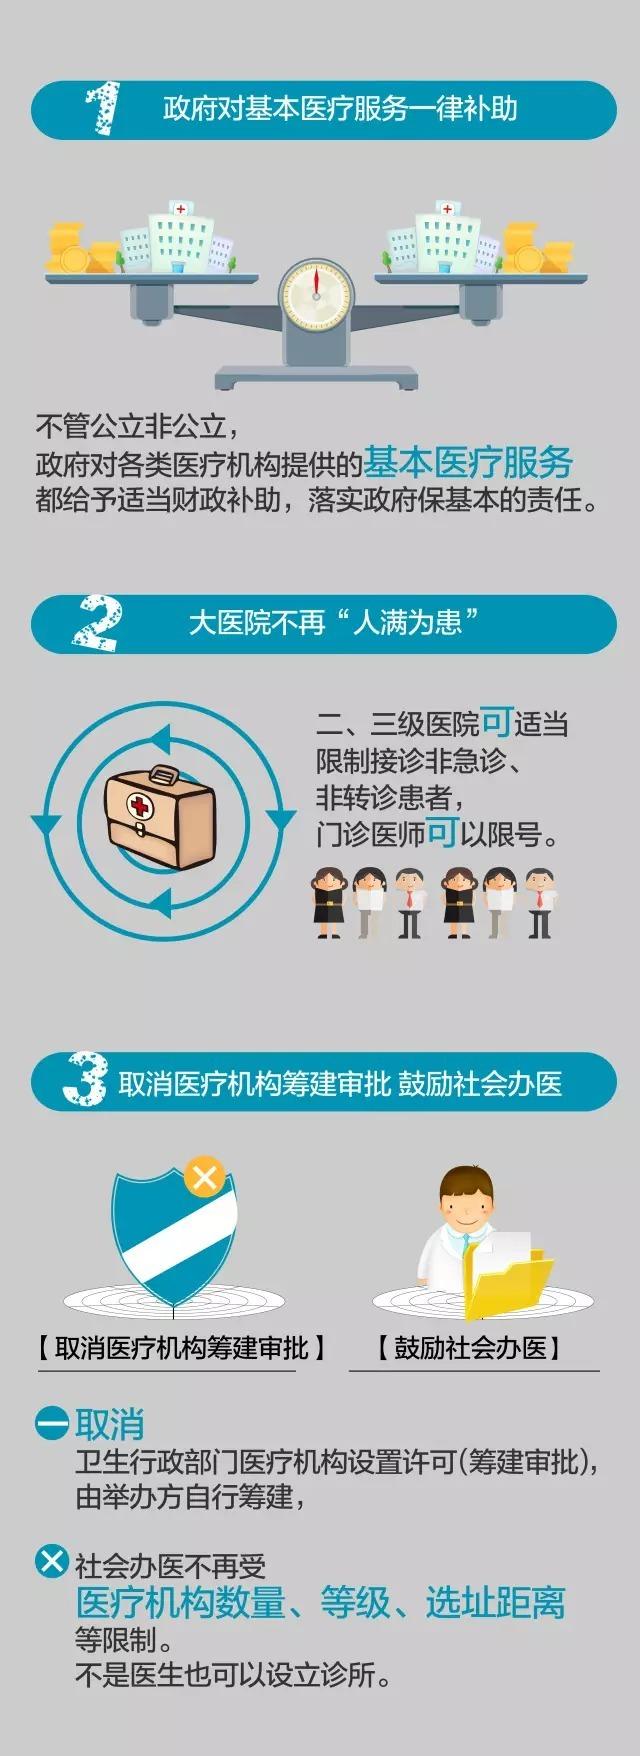 深圳医改有了「基本法」护航 :一图读懂十大亮点